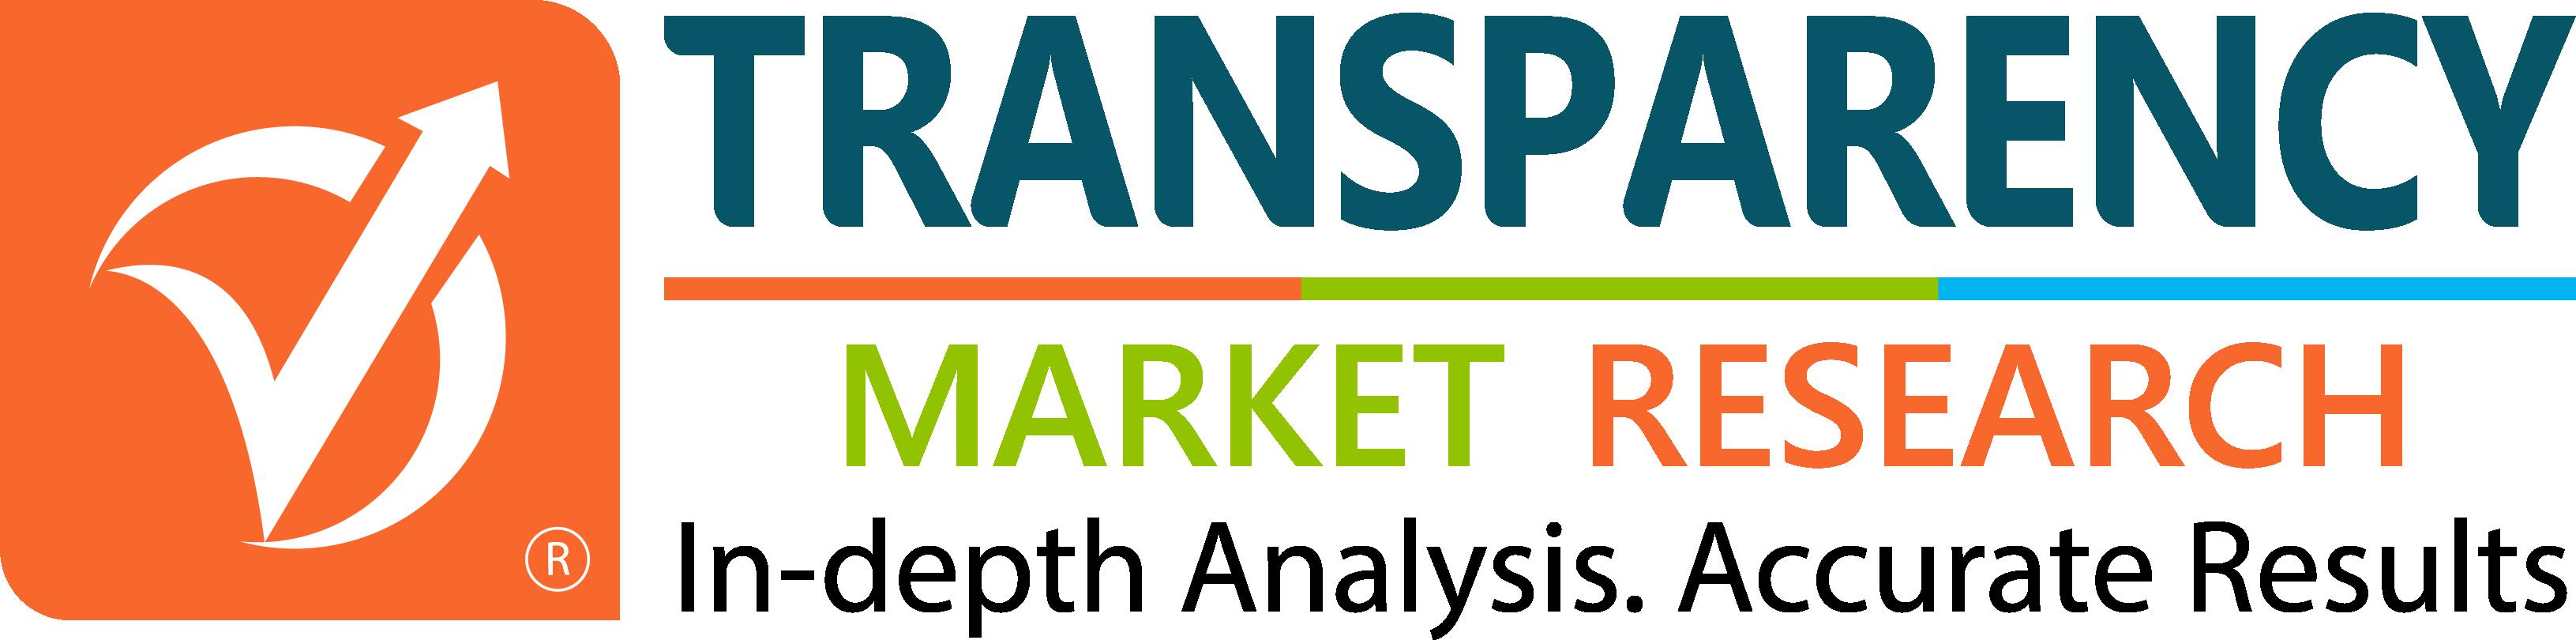 Liners pré-impressos Mercado Crescimento da Indústria, Principais Jogadores, Segmentação e Previsão para 2028